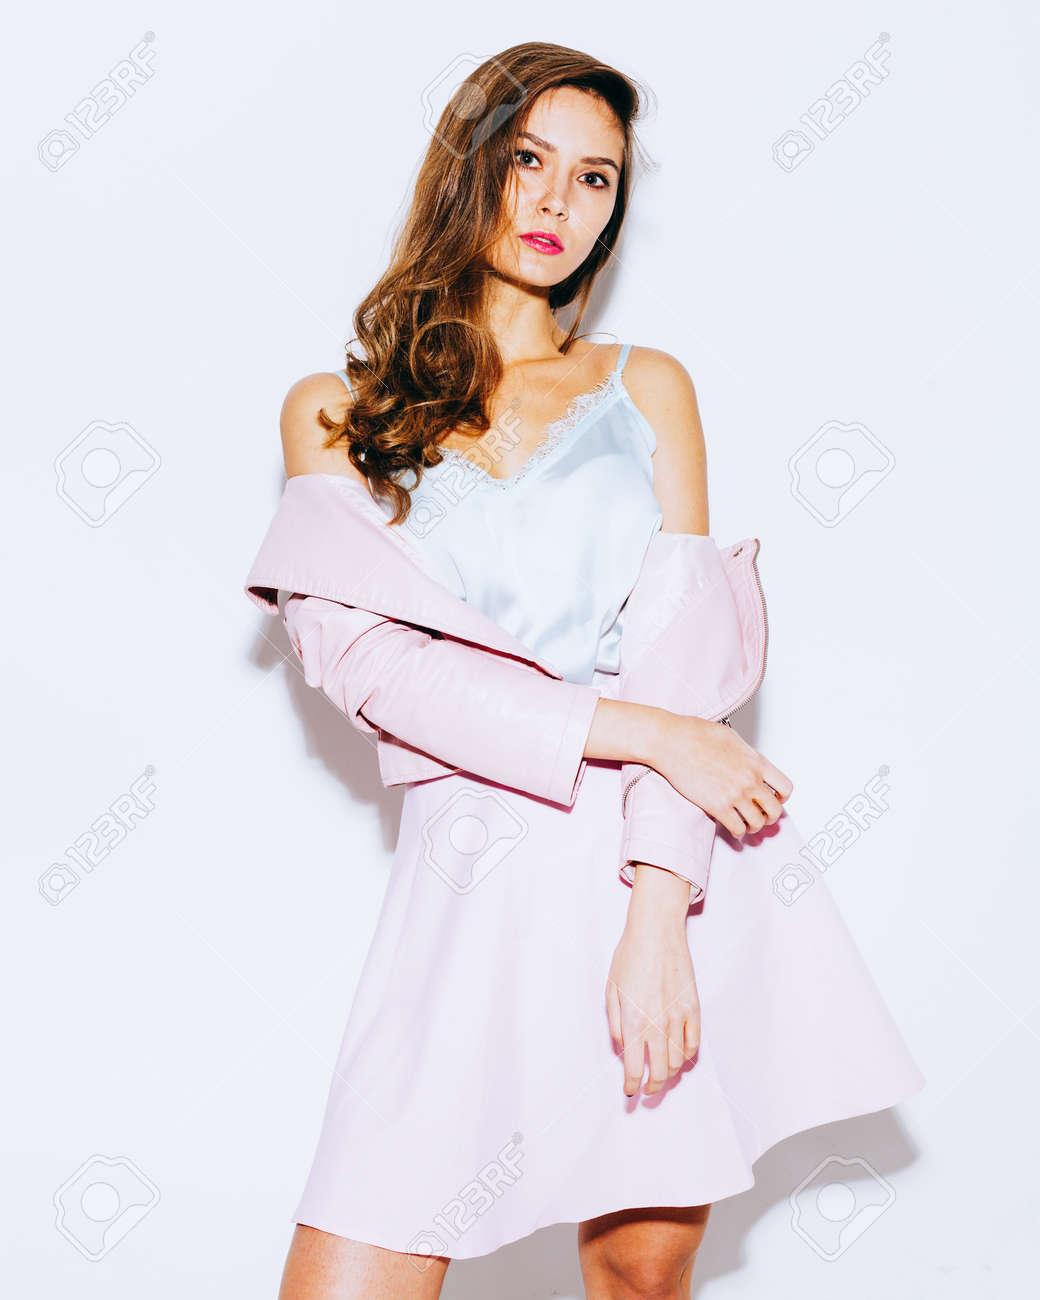 21111dd8e44002 Incroyablement belle fille brune posant dans une veste et une jupe rose à  la mode. Tenue légère de l'été. Sur fond blanc en studio.